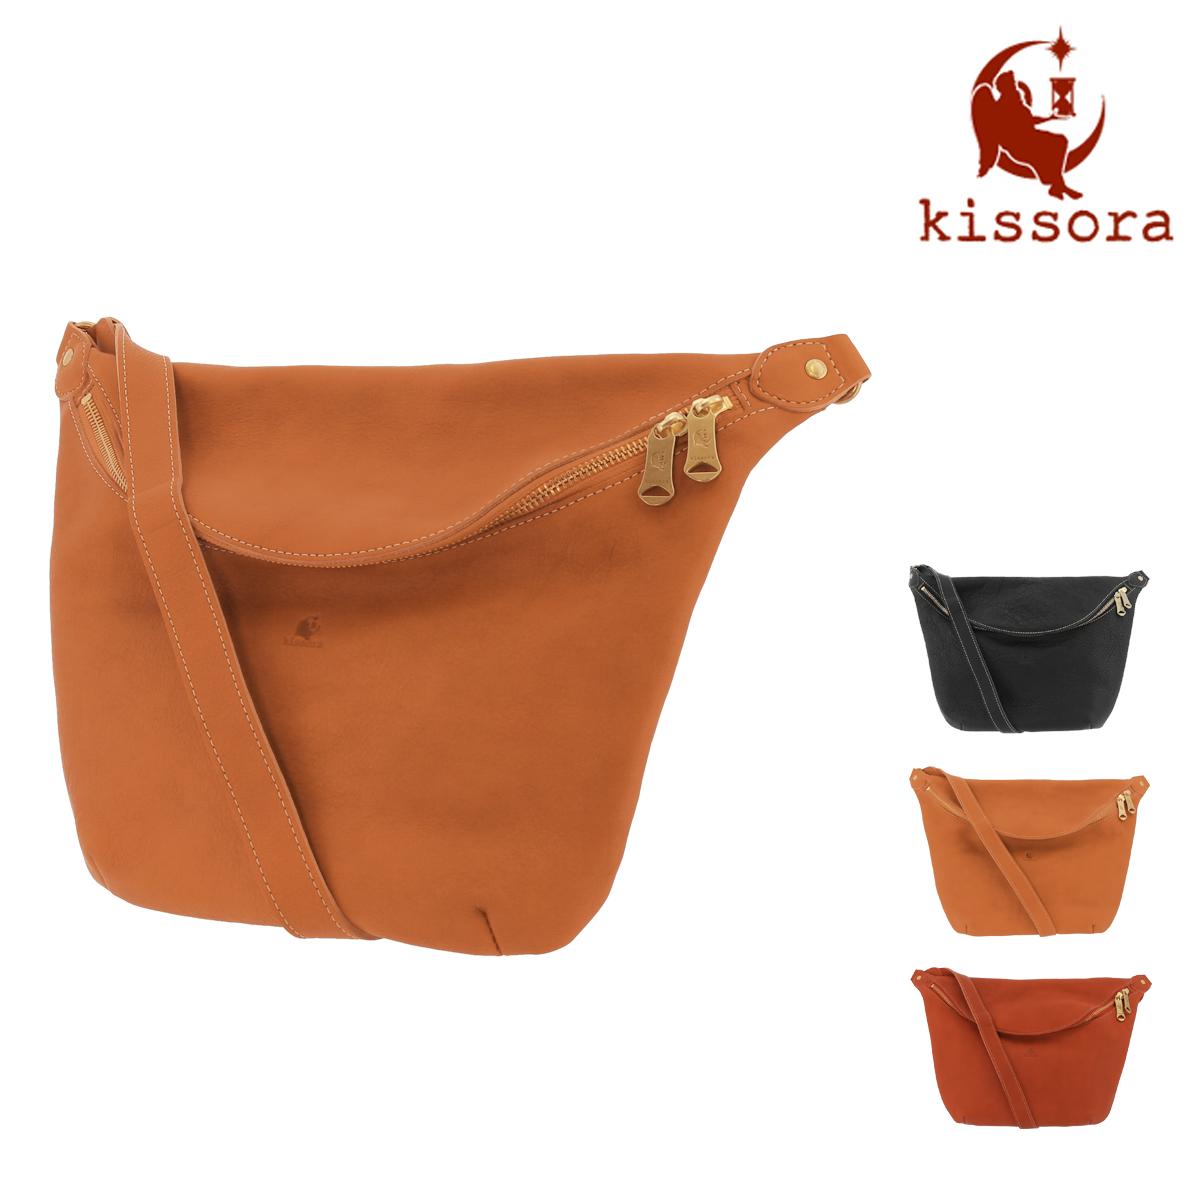 キソラ ボディバッグ トミー レディース KIOB-025 kissora | 日本製 薄型 ワンショルダー 牛革 本革 レザー